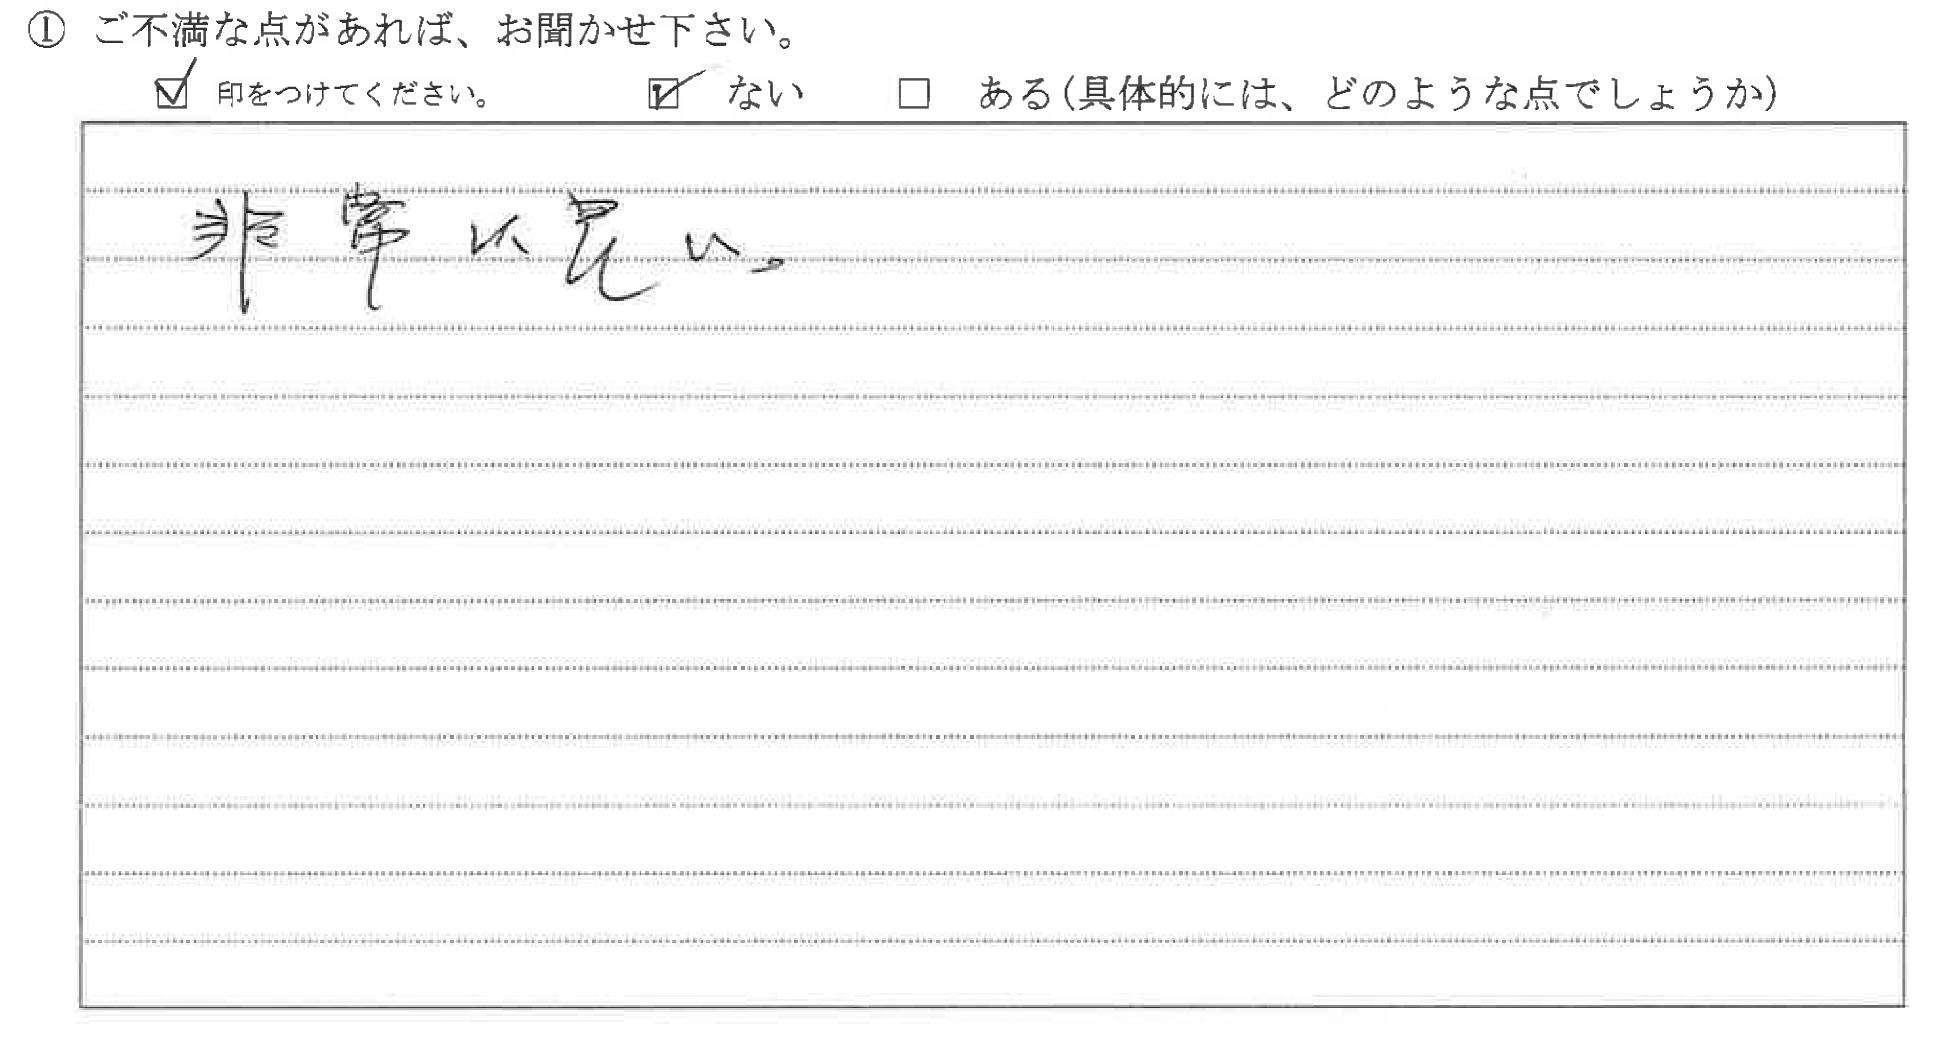 富山県富山市F様に頂いた基礎ハツリ 工事についてのご不満な点があれば、お聞かせ下さい。というご質問について「シロアリ点検時 基礎ハツリ」というお声についての画像